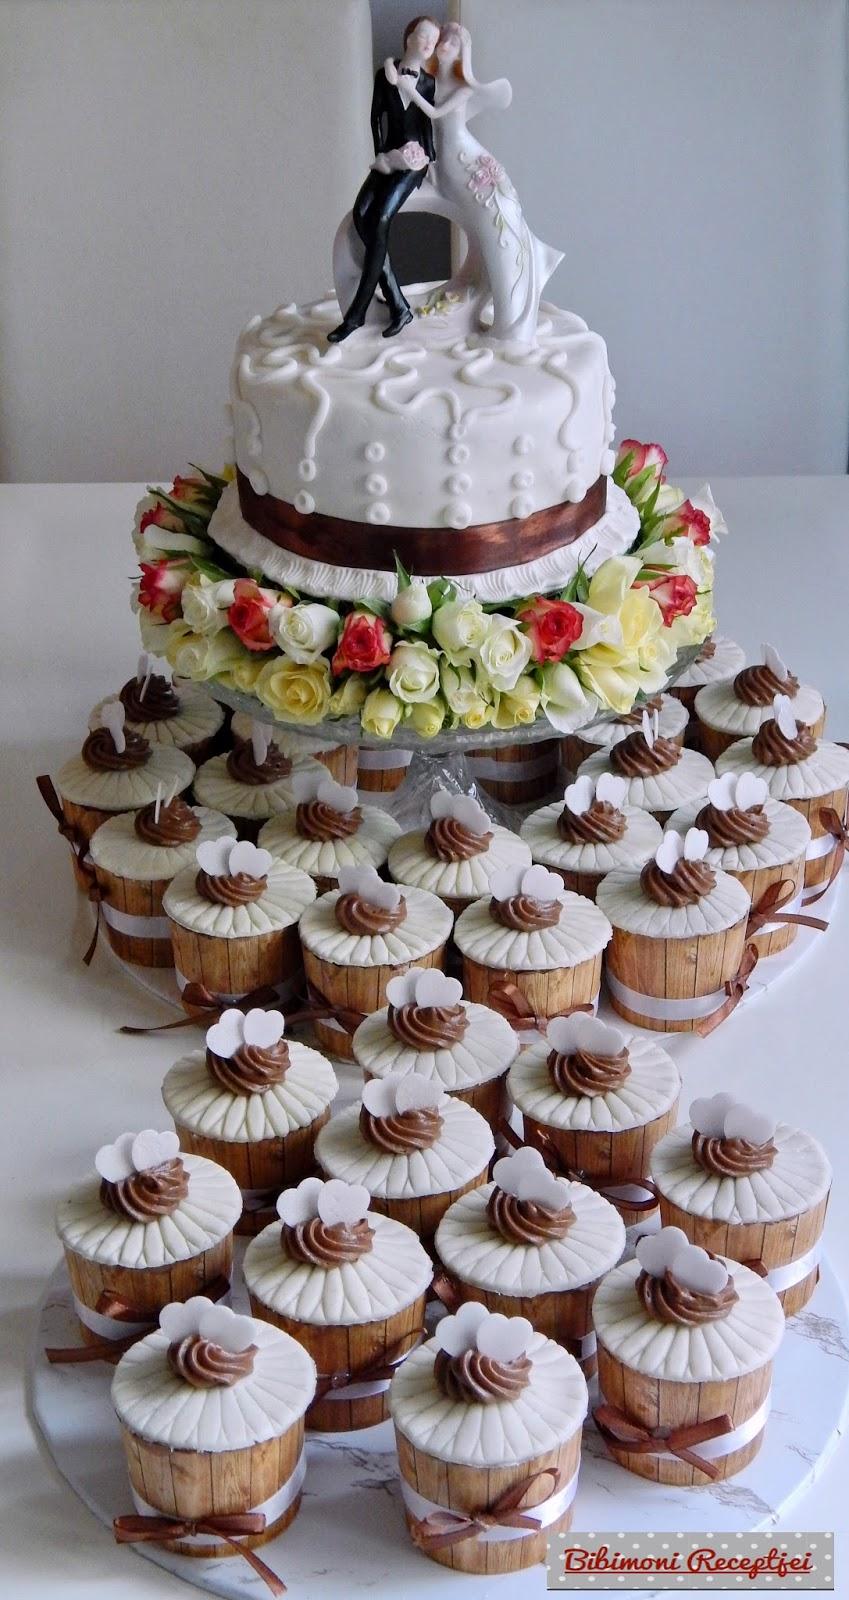 esküvői torta készítése házilag Esküvői torta,élővirágokkal díszítve. | Bibimoni Receptjei esküvői torta készítése házilag